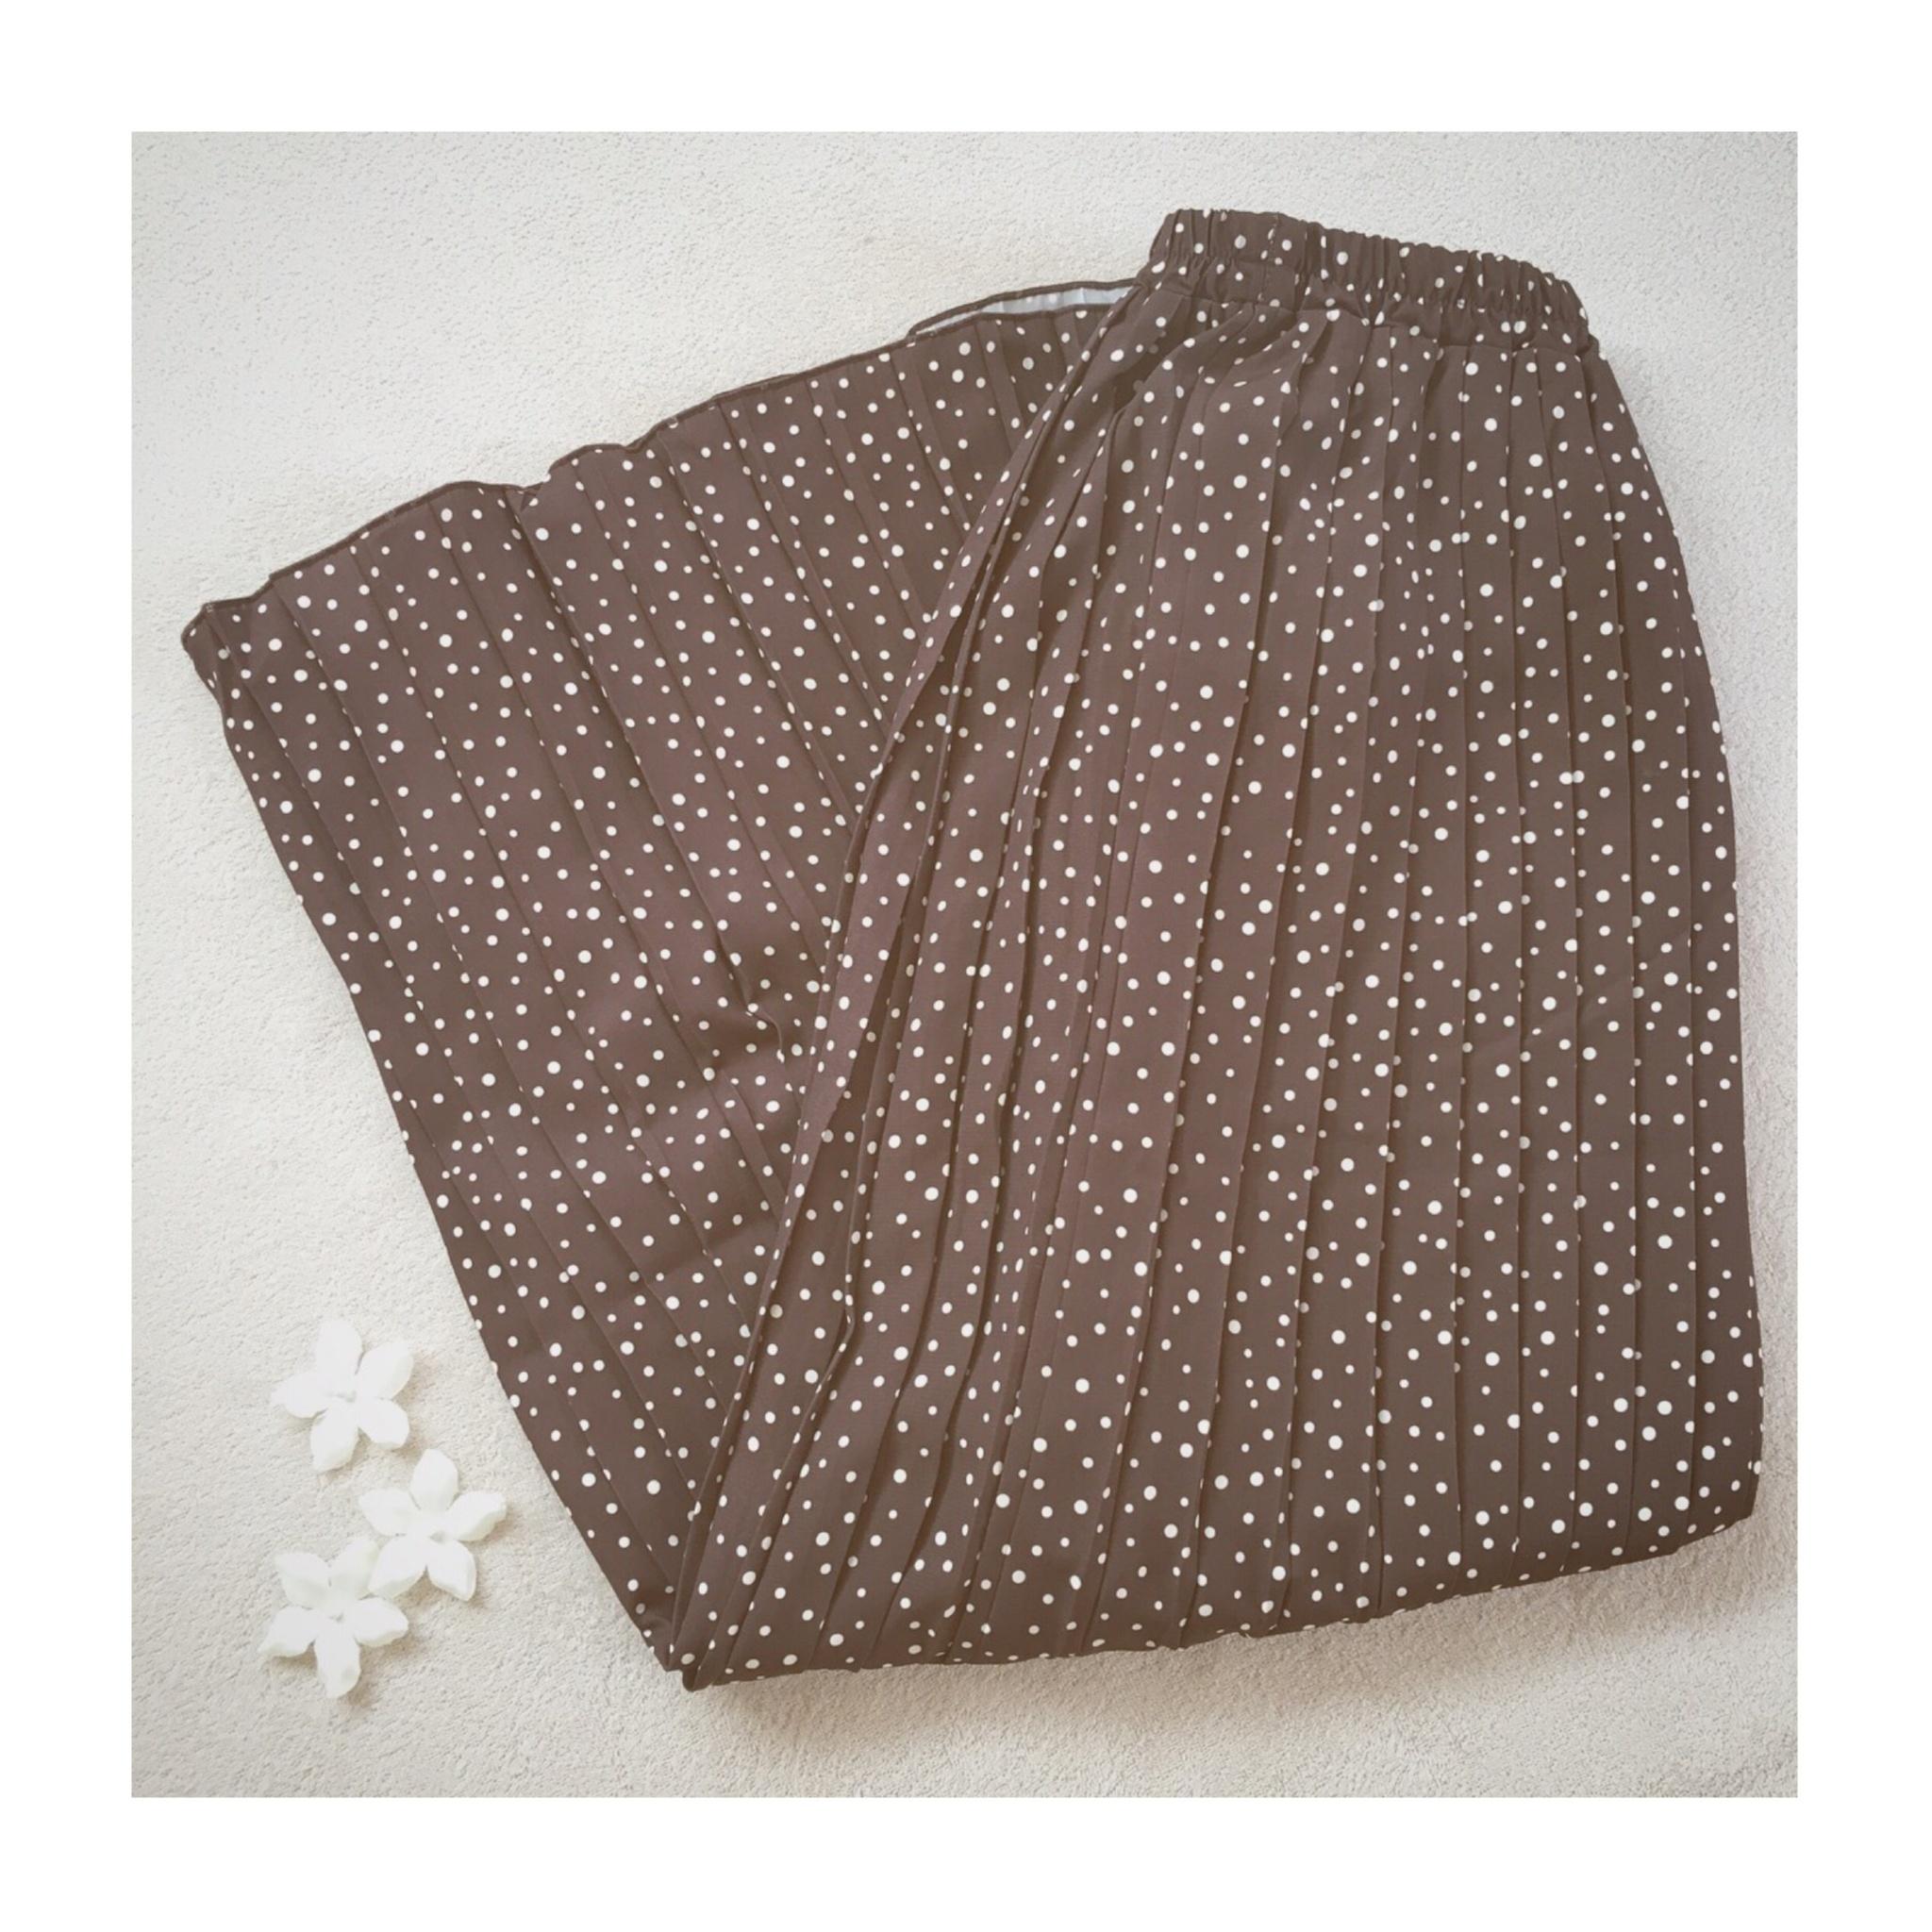 《今買って秋まで使える》優秀アイテム!【Te chichi(テチチ)】のドットプリーツスカートをSALE価格まさかの¥1,600以下でゲット✌︎❤️_1